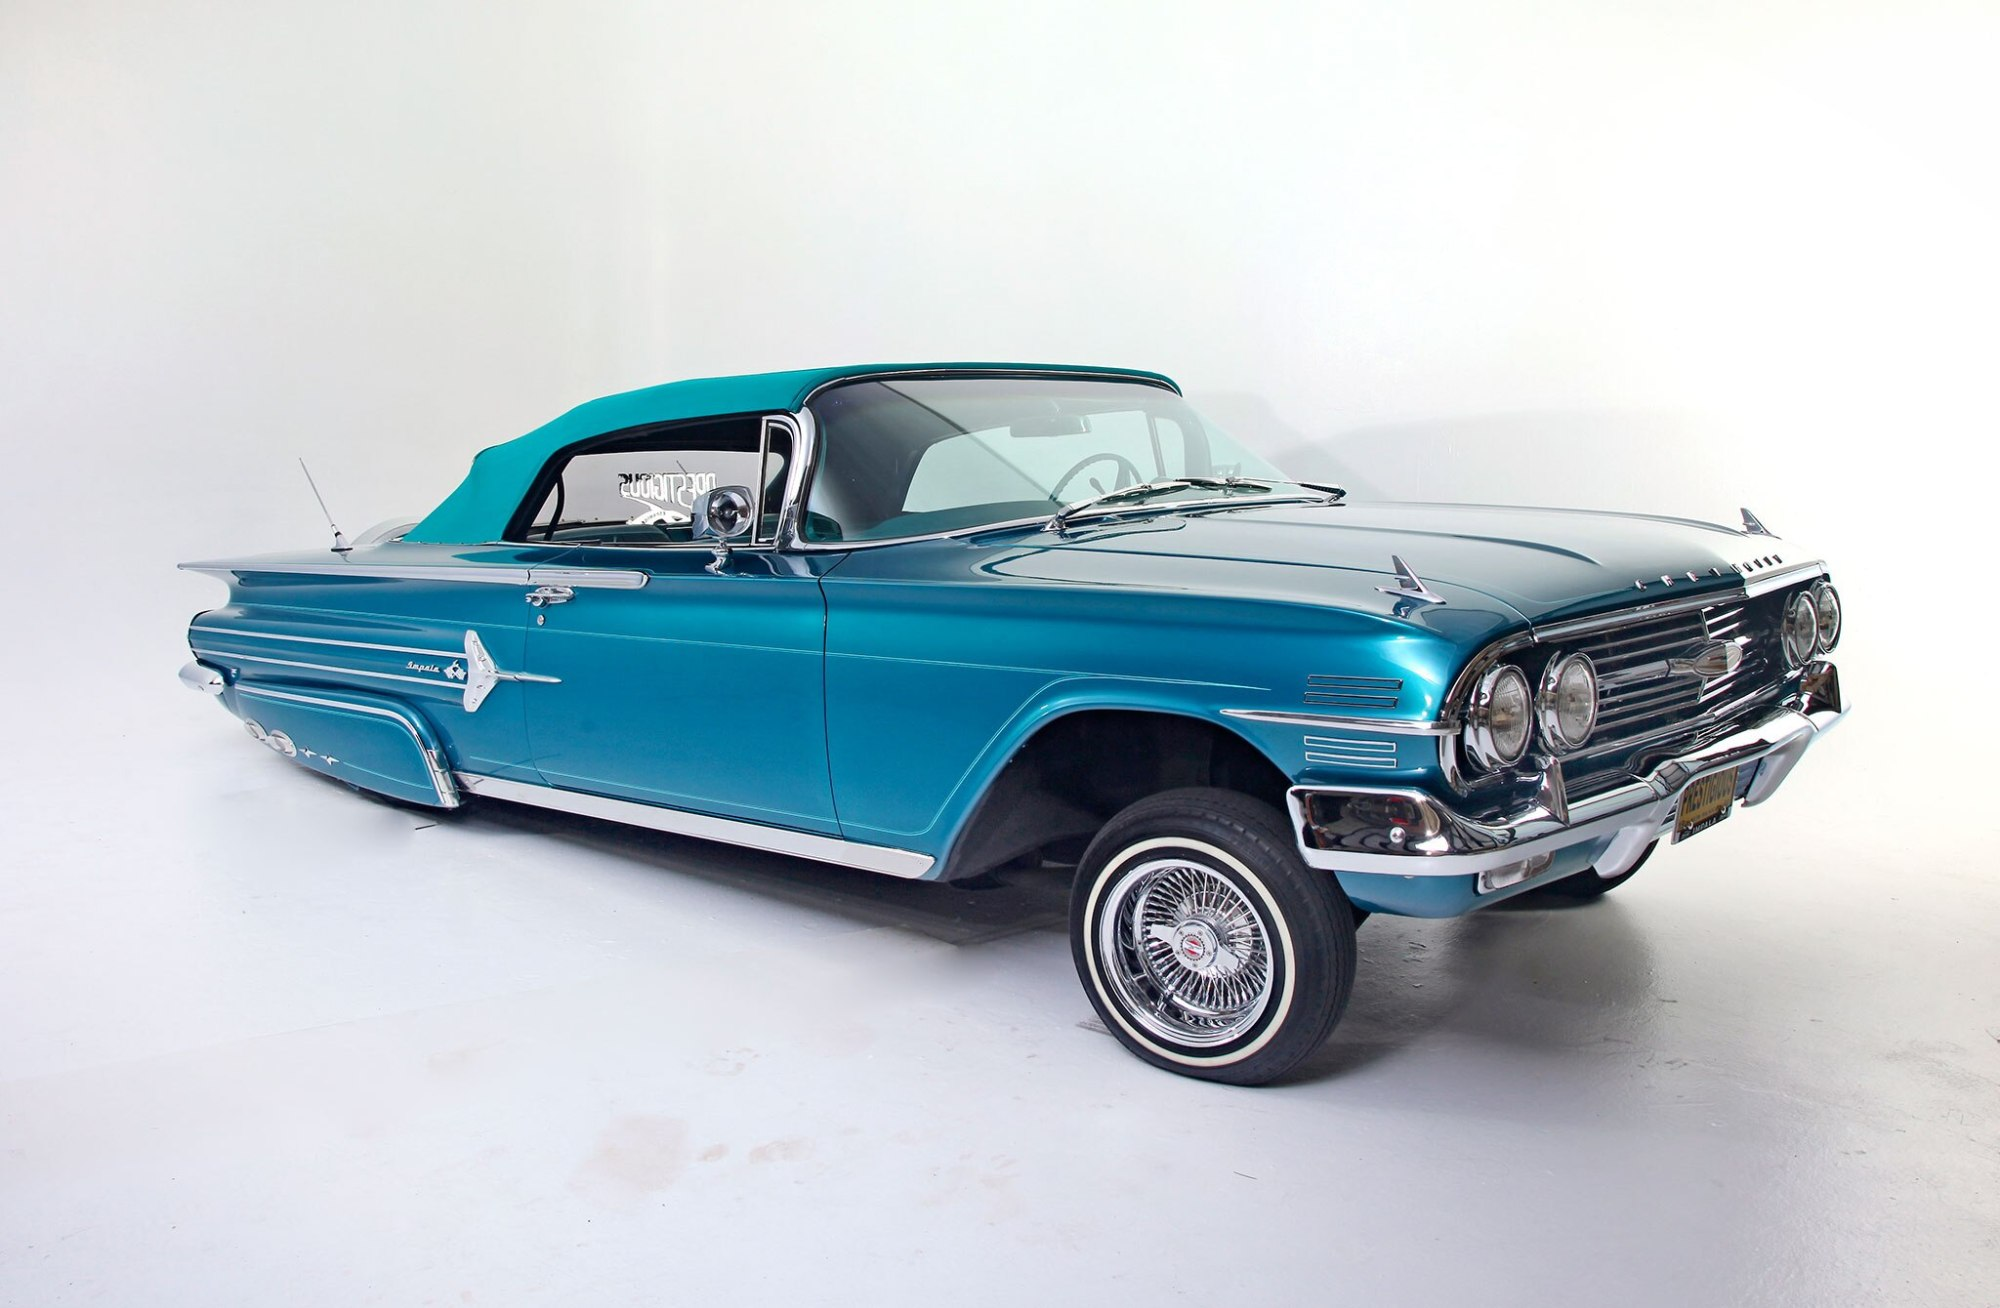 hight resolution of 1960 chevrolet impala prestigious 60 2006 chevy impala belt diagram 1961 chevy impala wiring diagram